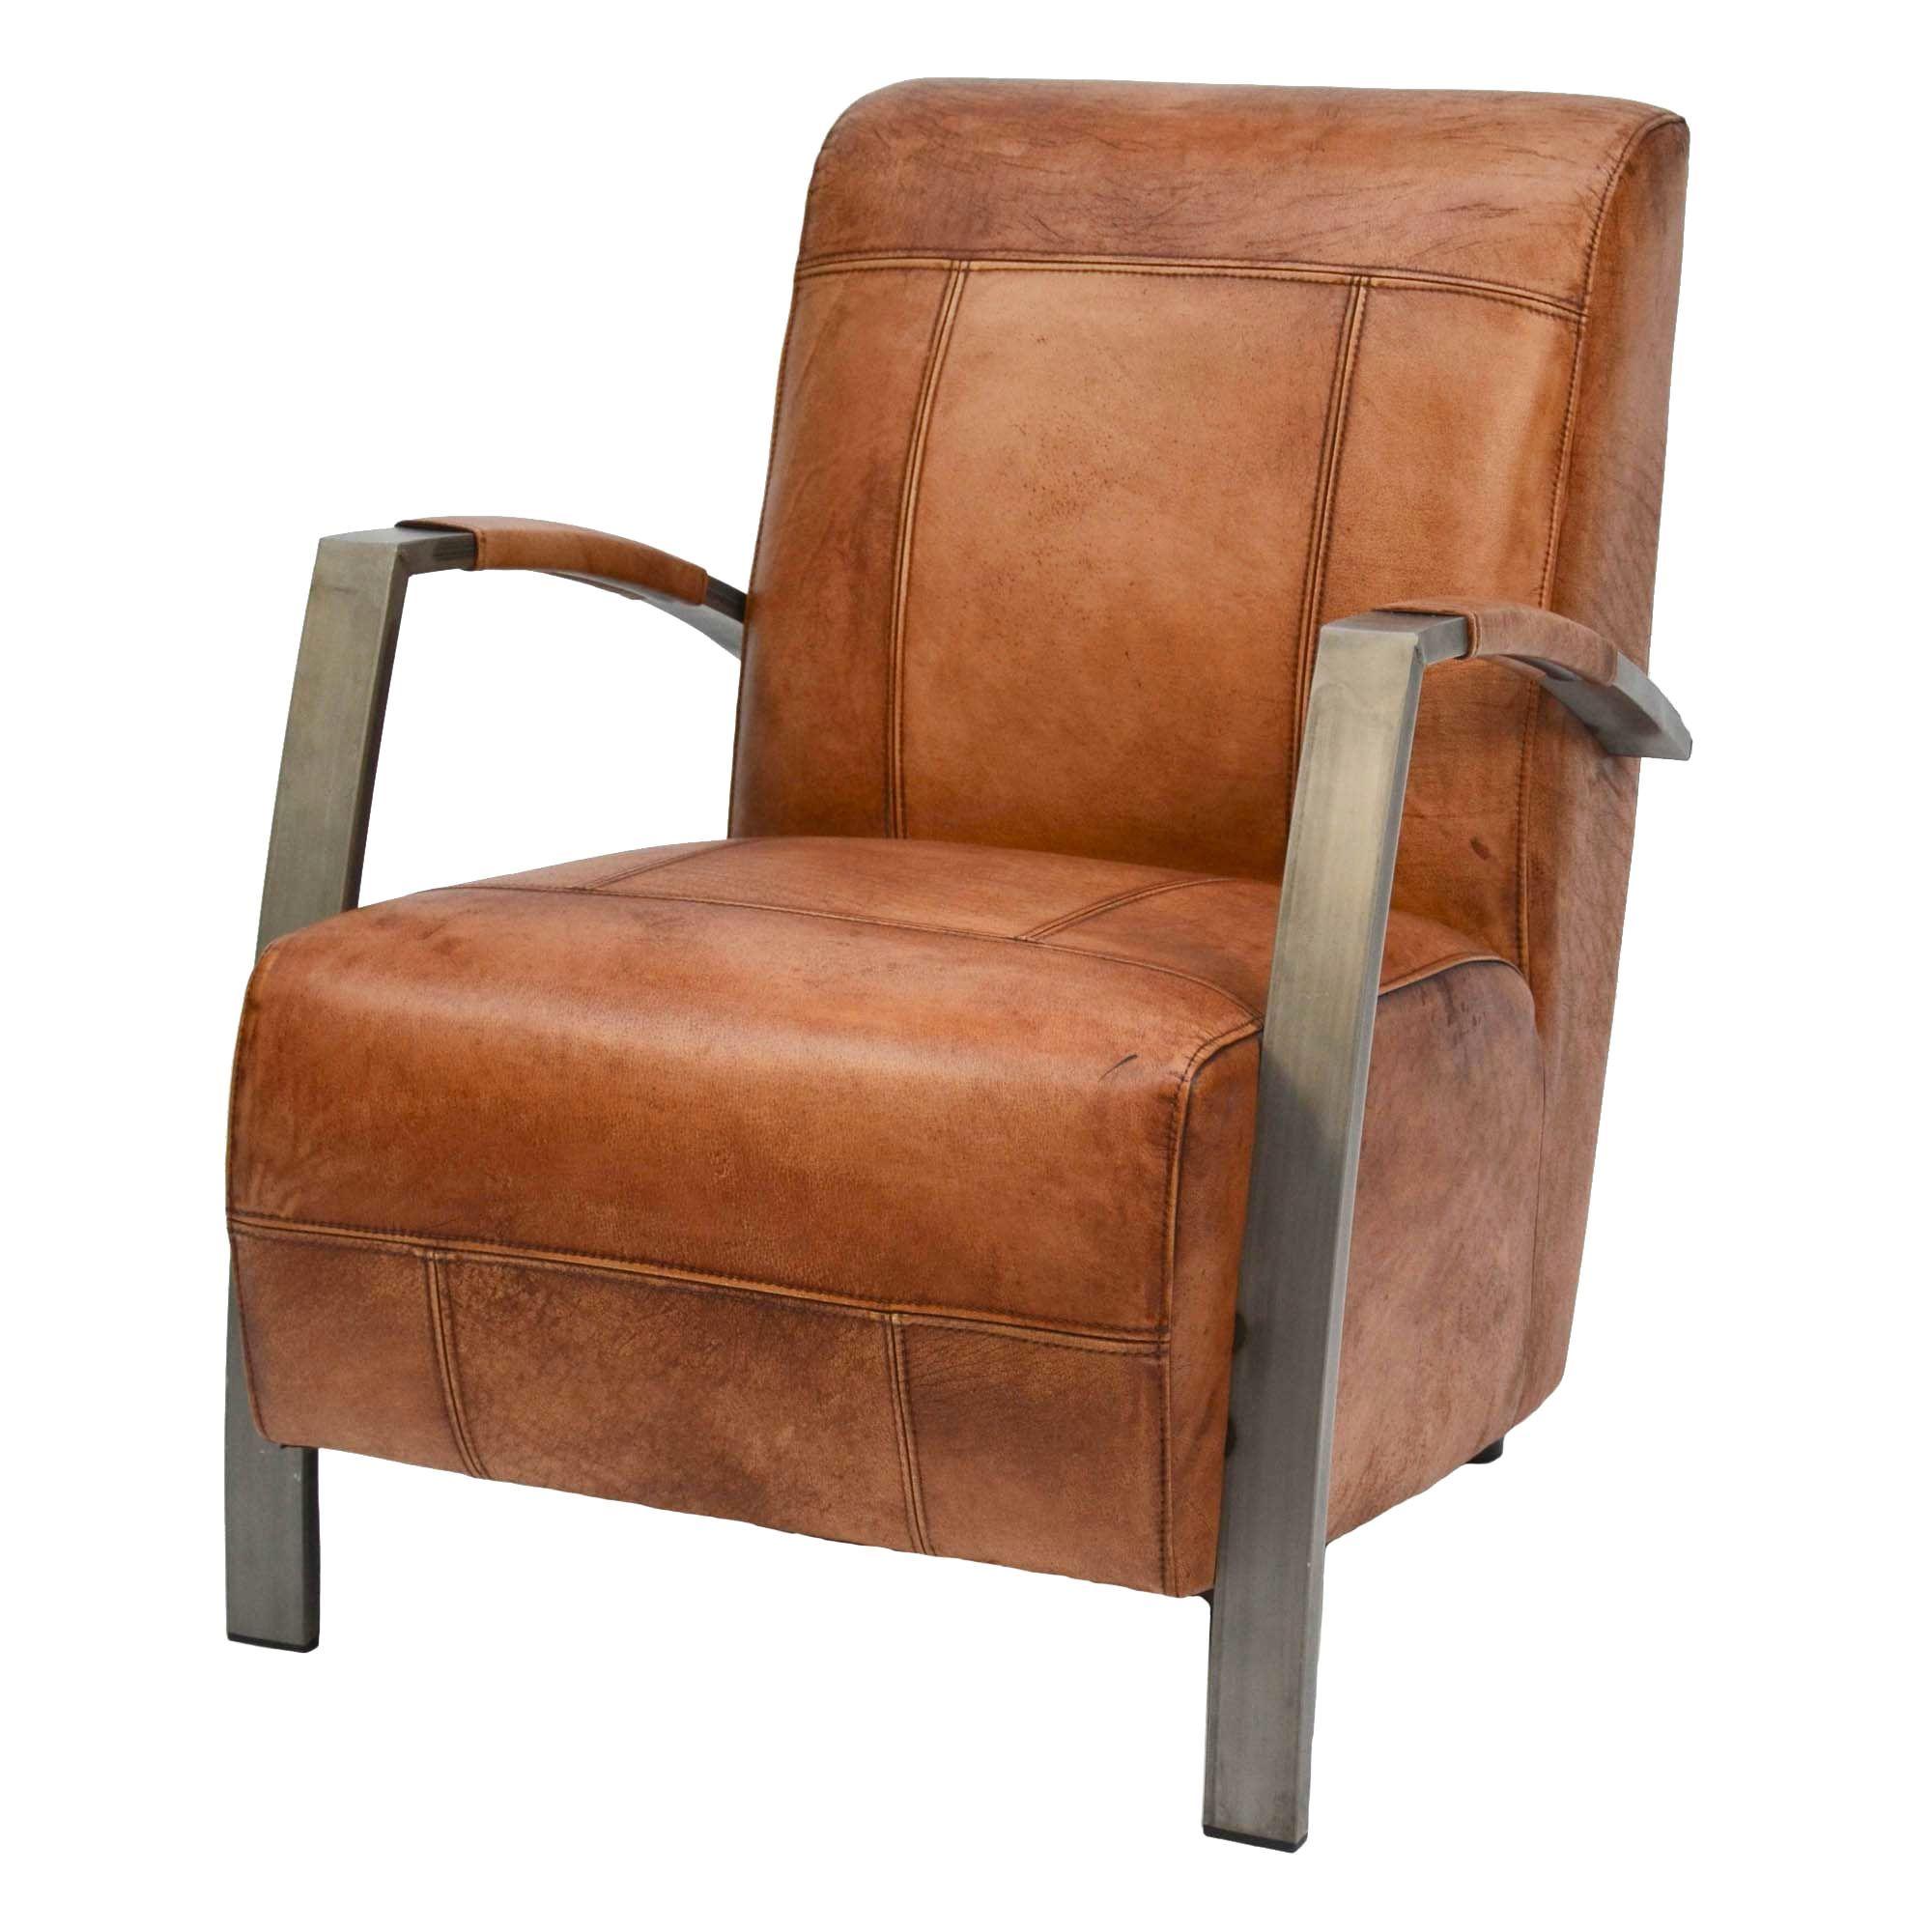 Full Size of Ikea Relaxsessel Muren Sessel Elektrisch Strandmon Mit Hocker Gebraucht Grau Kinder Garten Leder 11 Lounge Luxus Schlafzimmer Kche Kosten Betten 160x200 Küche Wohnzimmer Ikea Relaxsessel